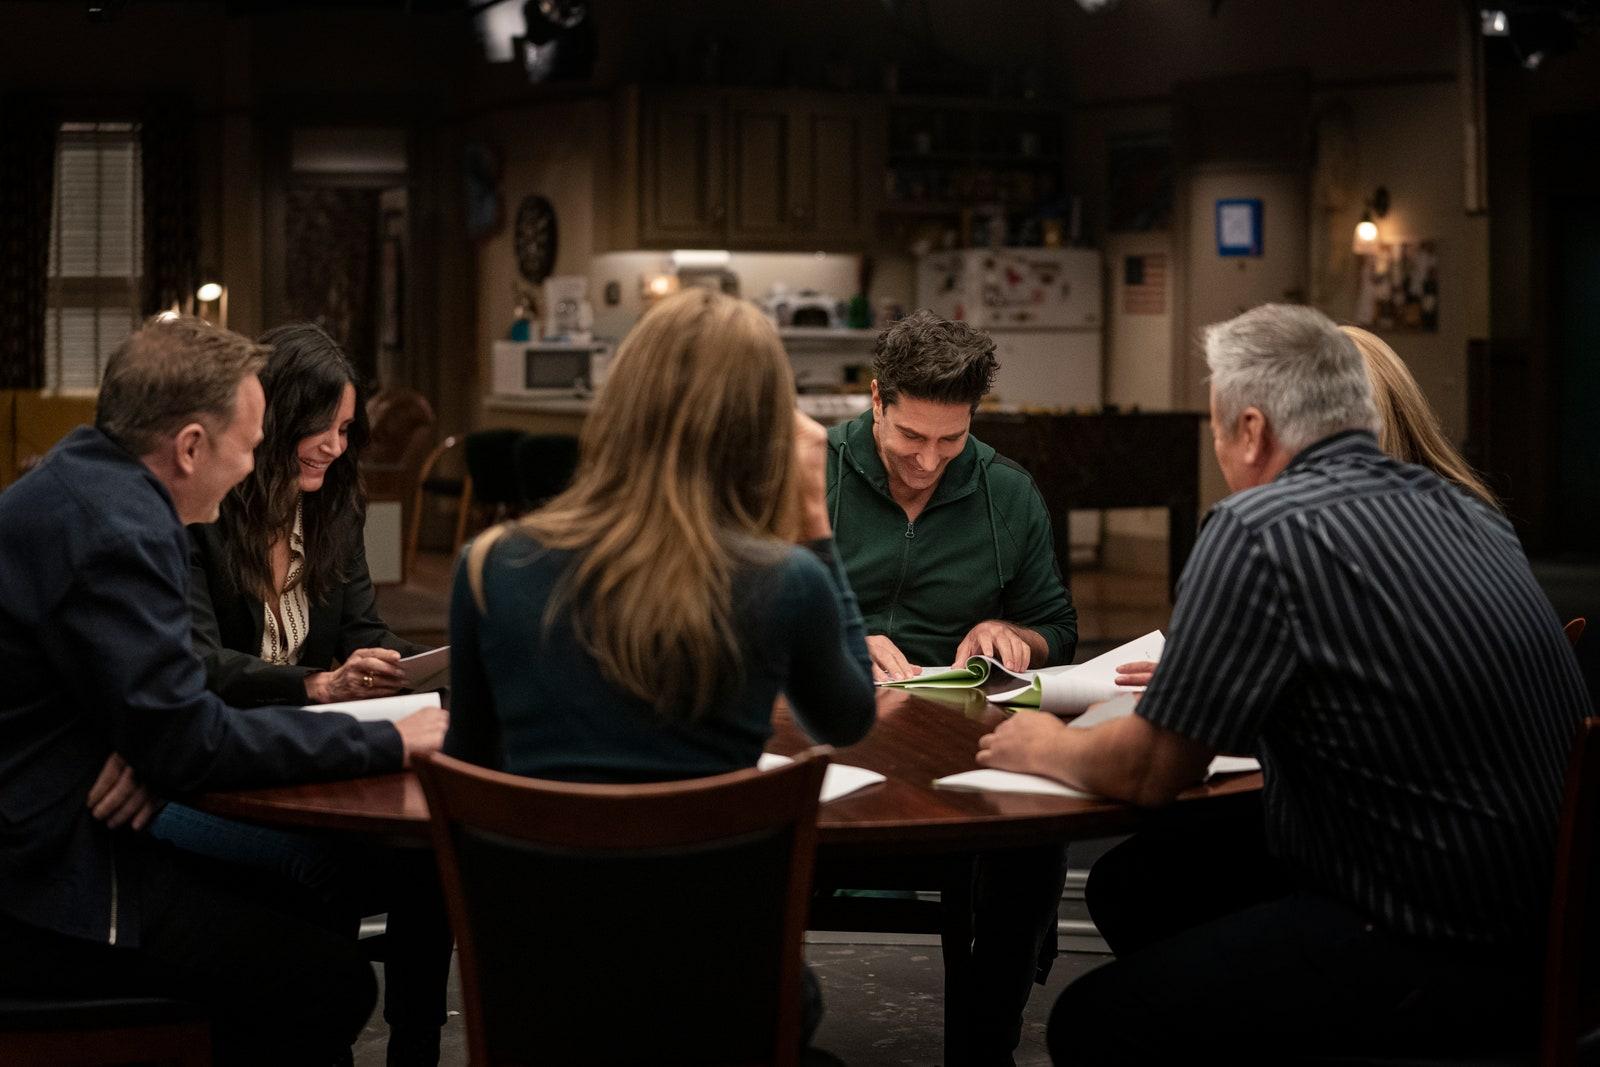 Cena do episódio especial Friends: The Reunion. Nela, vemos os 6 atores sentados ao redor de uma mesa de madeira, com roteiros de papel sulfite na mão, rindo e se olhando.